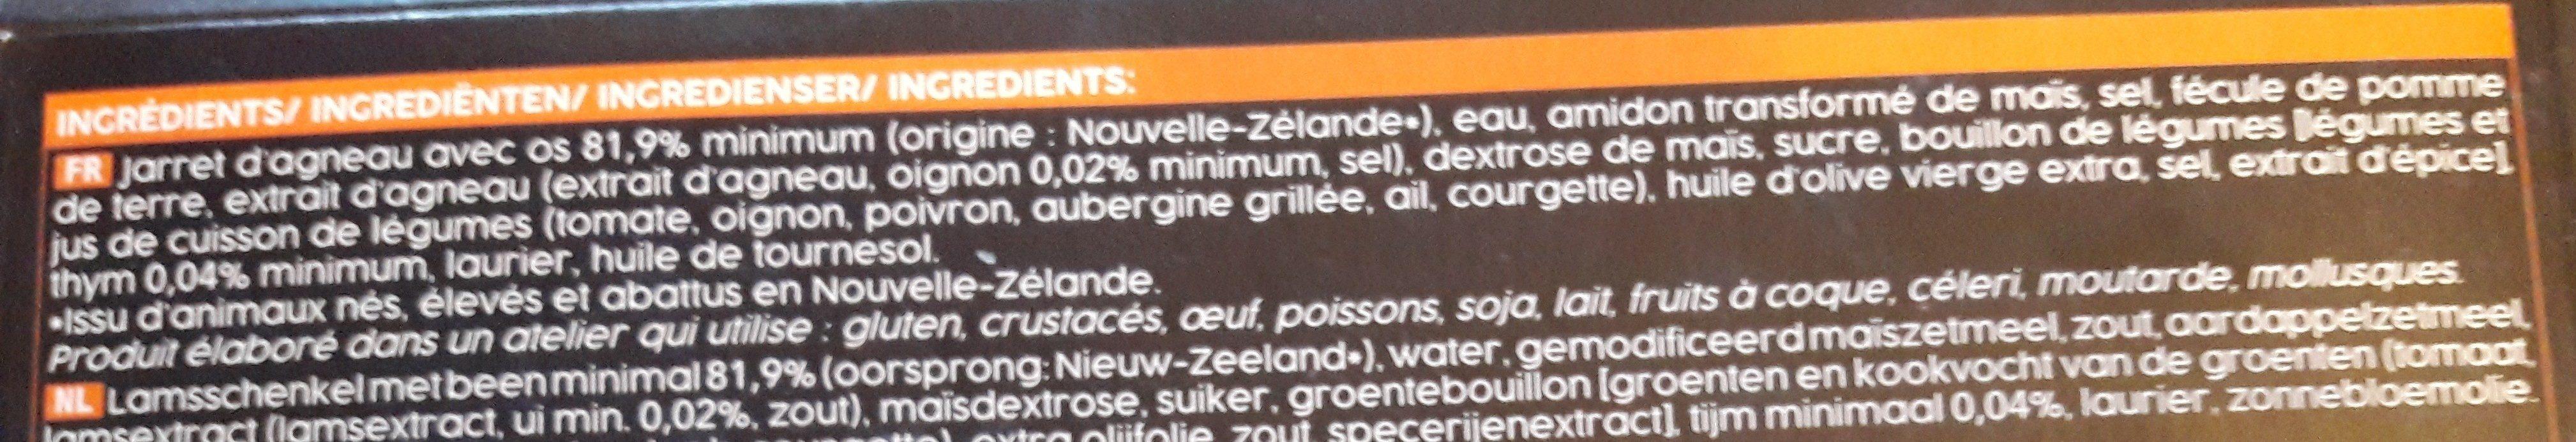 Souris d'agneau cuite dans son jus au thym - Ingrediënten - fr